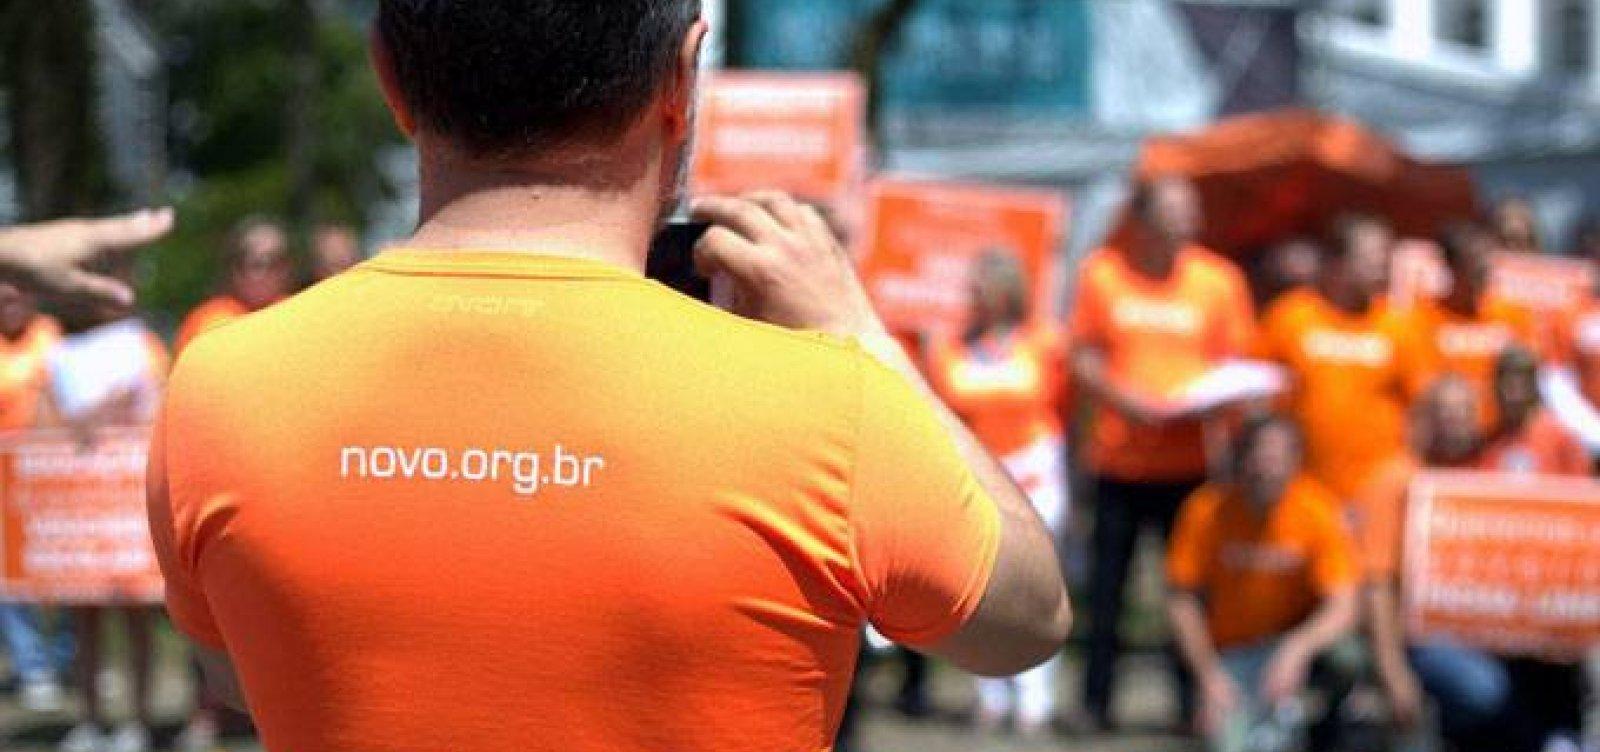 Partido Novo abre processo seletivo para candidato a prefeito em Salvador